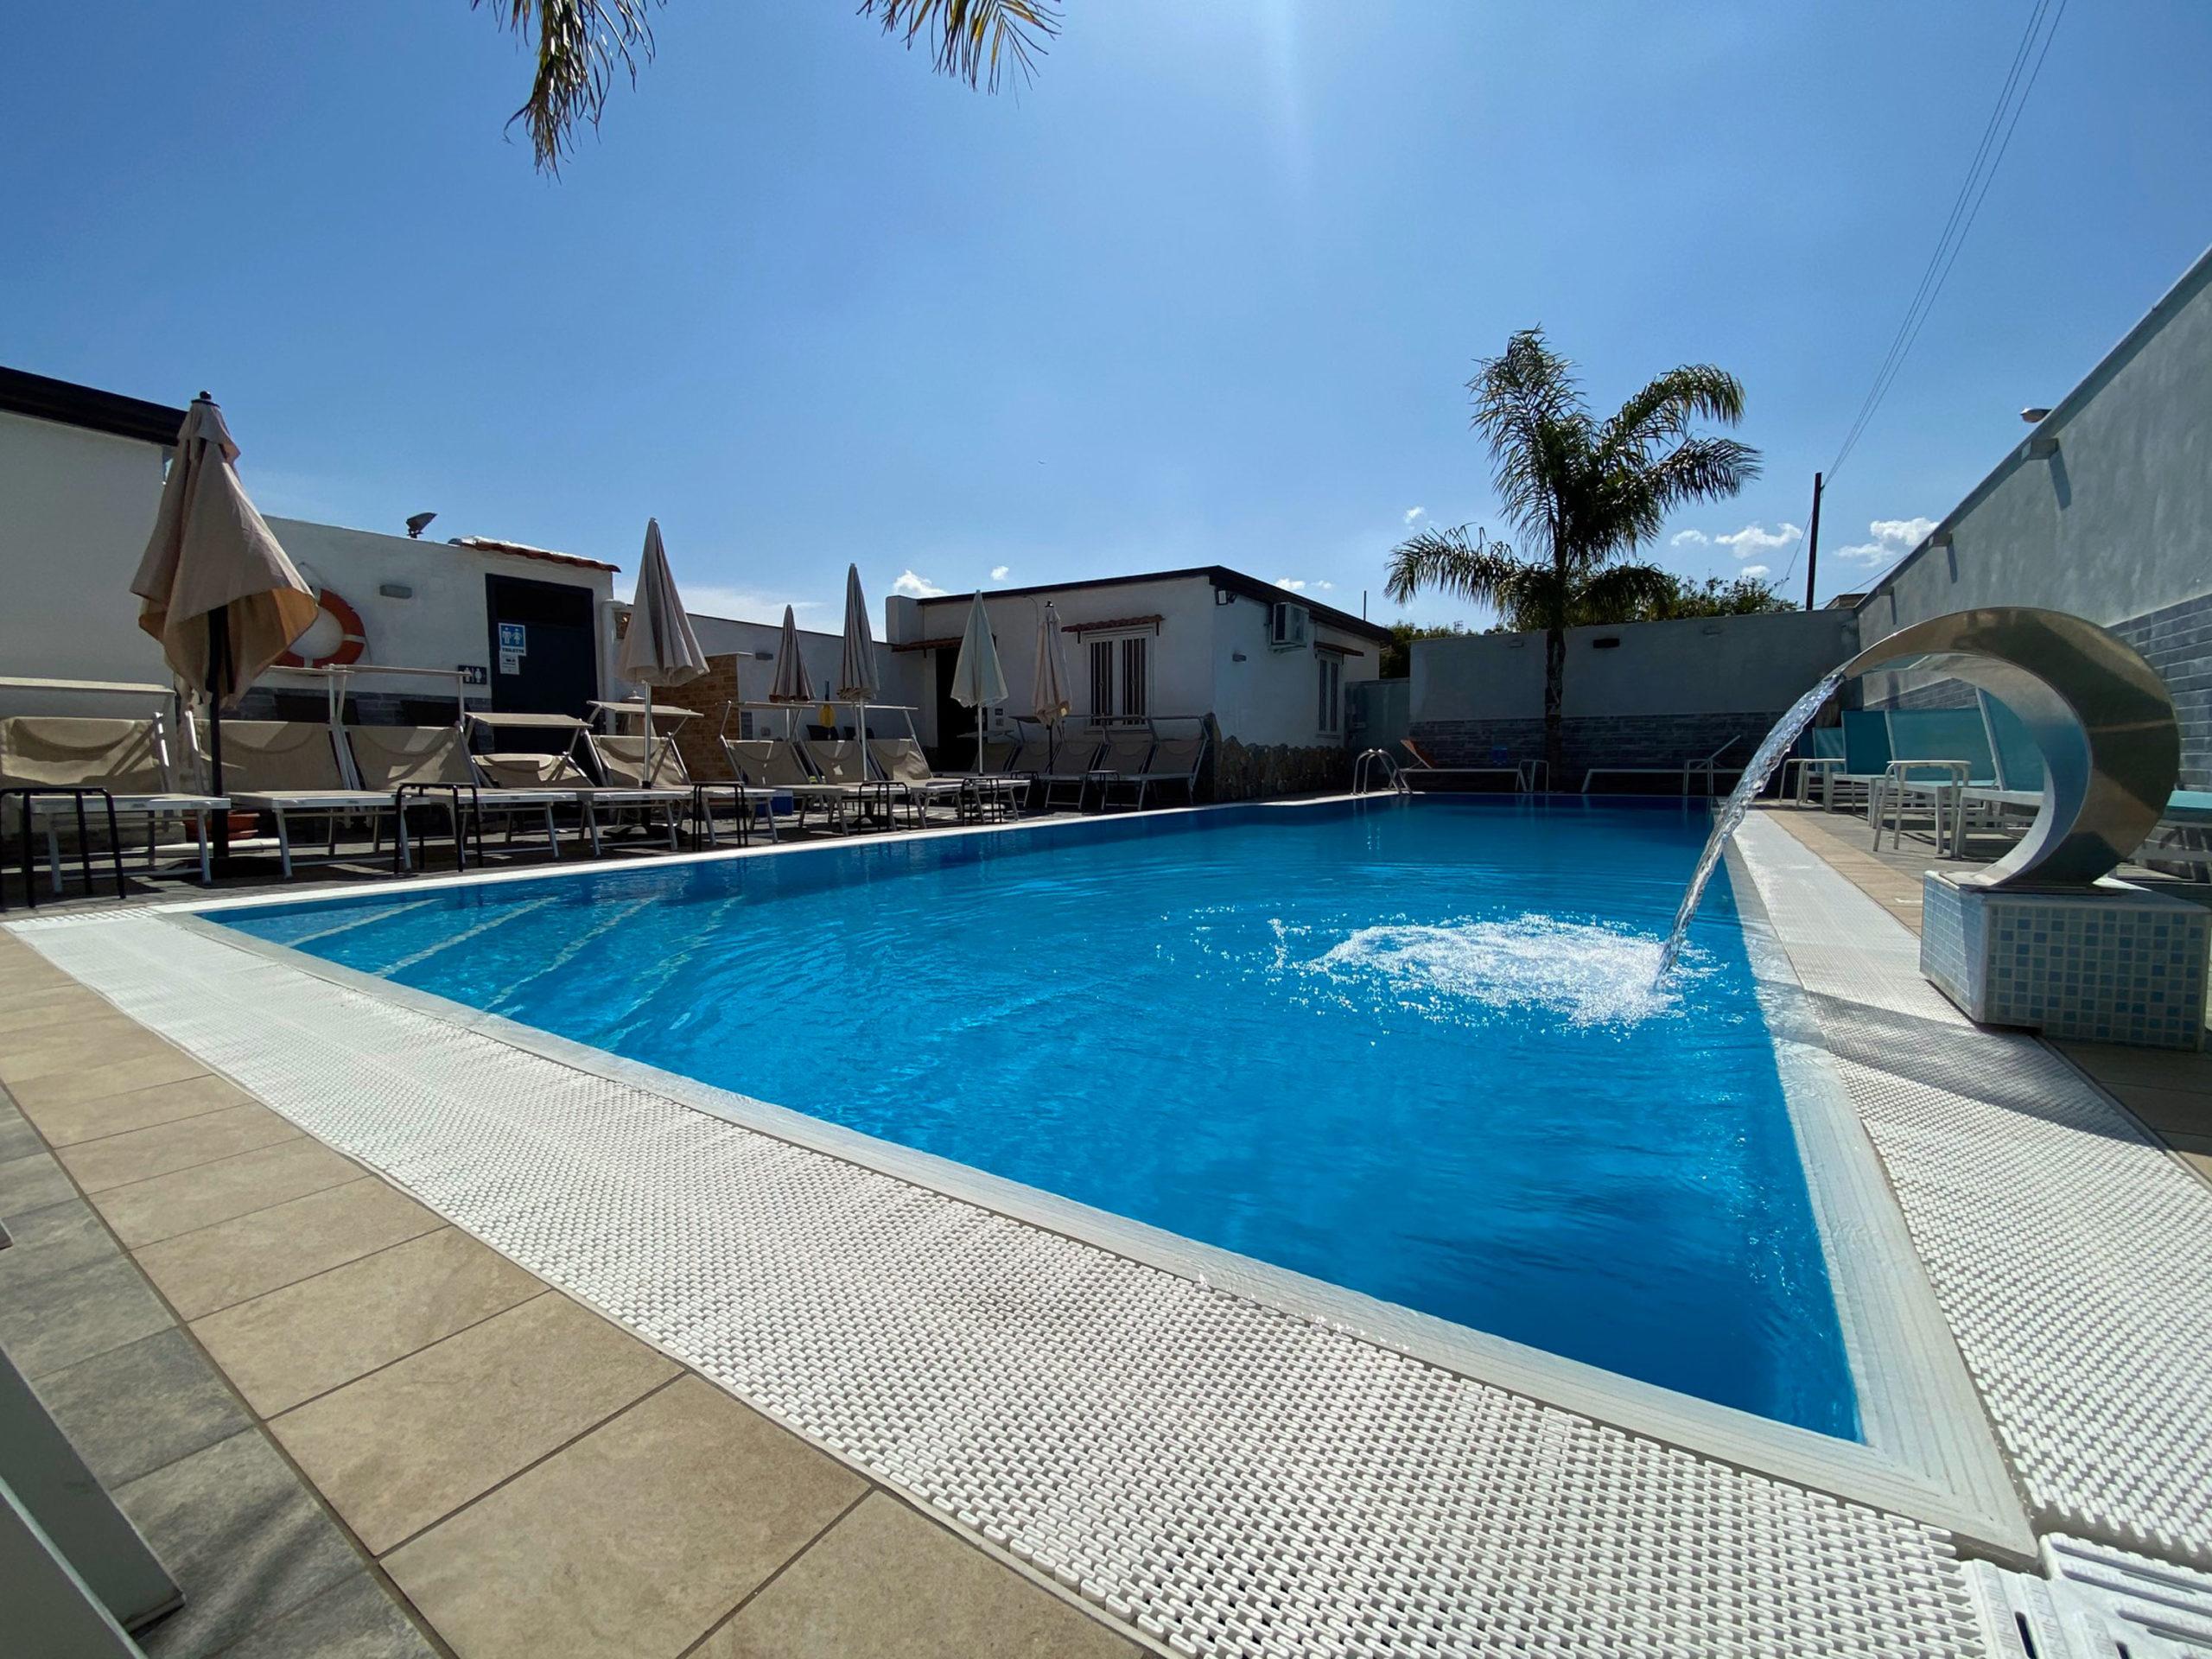 Piscine Sfioro A Cascata relax in piscina pompei, la tua estate al sole ! prenota subito